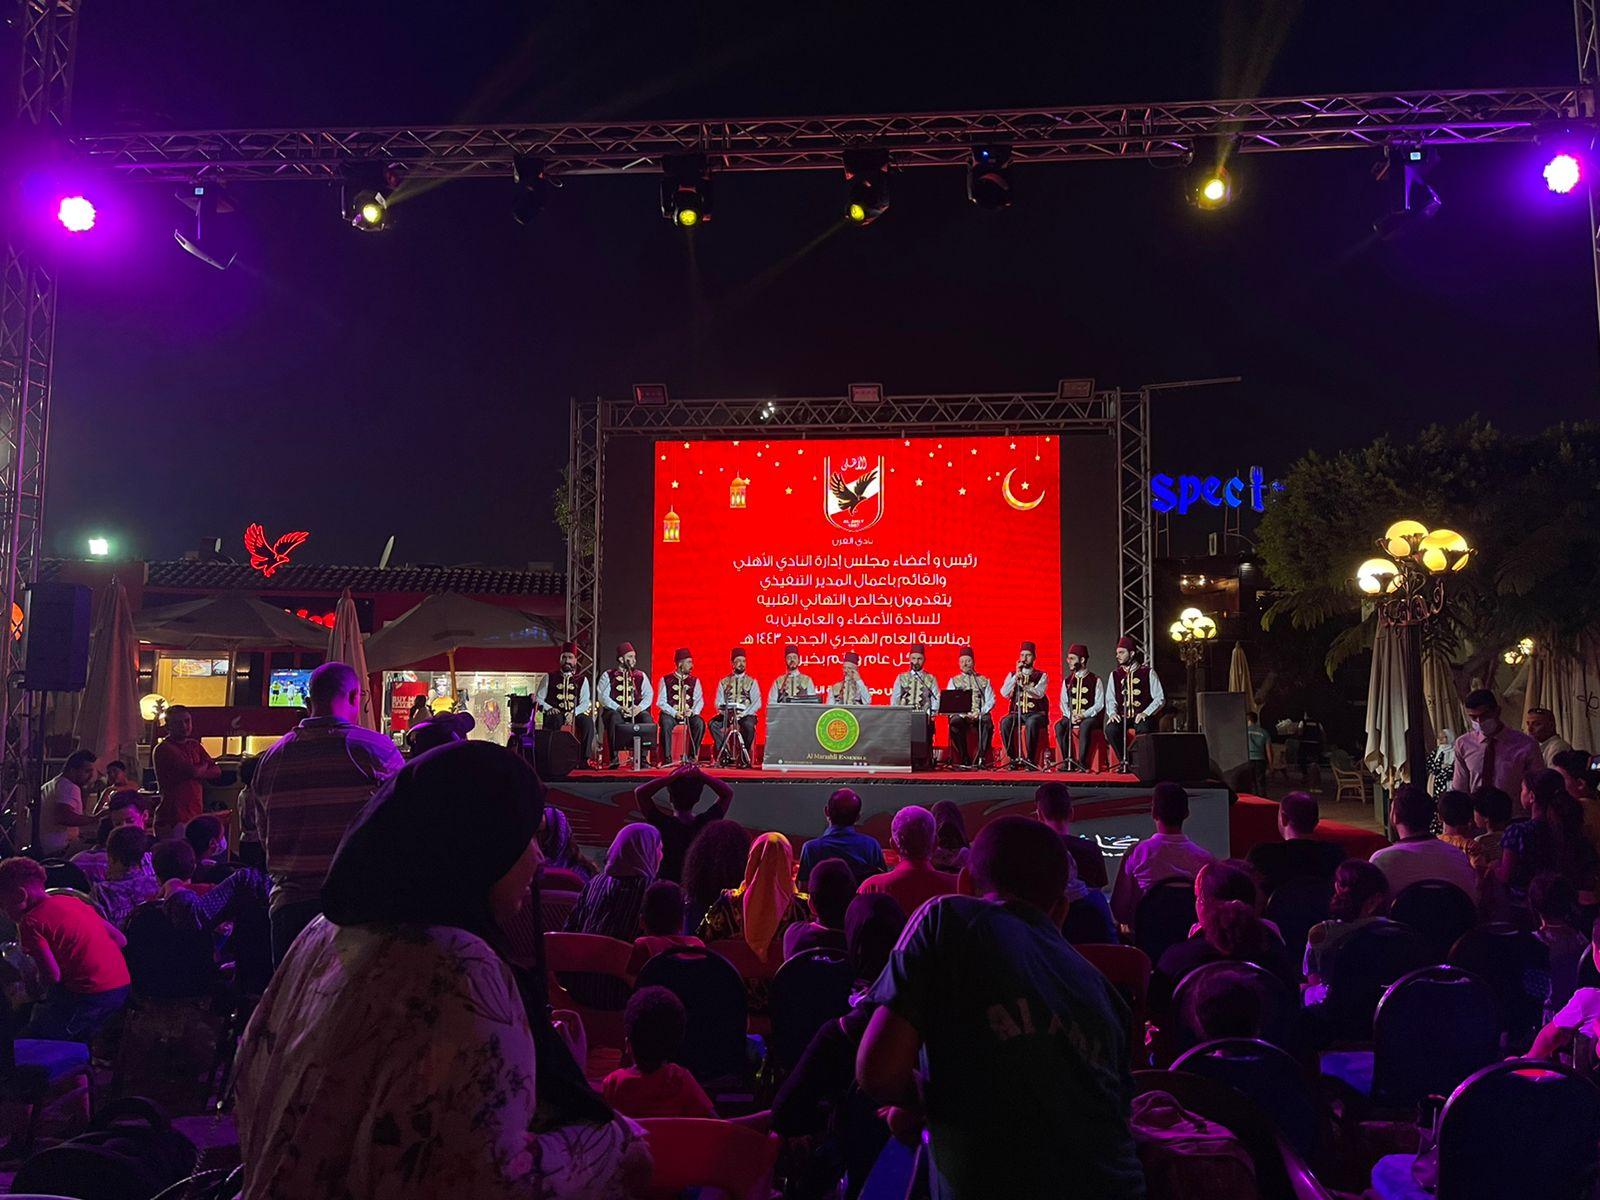 إقبال كبير من أعضاء الأهلي على حفل «المرعشلي للإنشاد الديني» بمقر الجزيرة